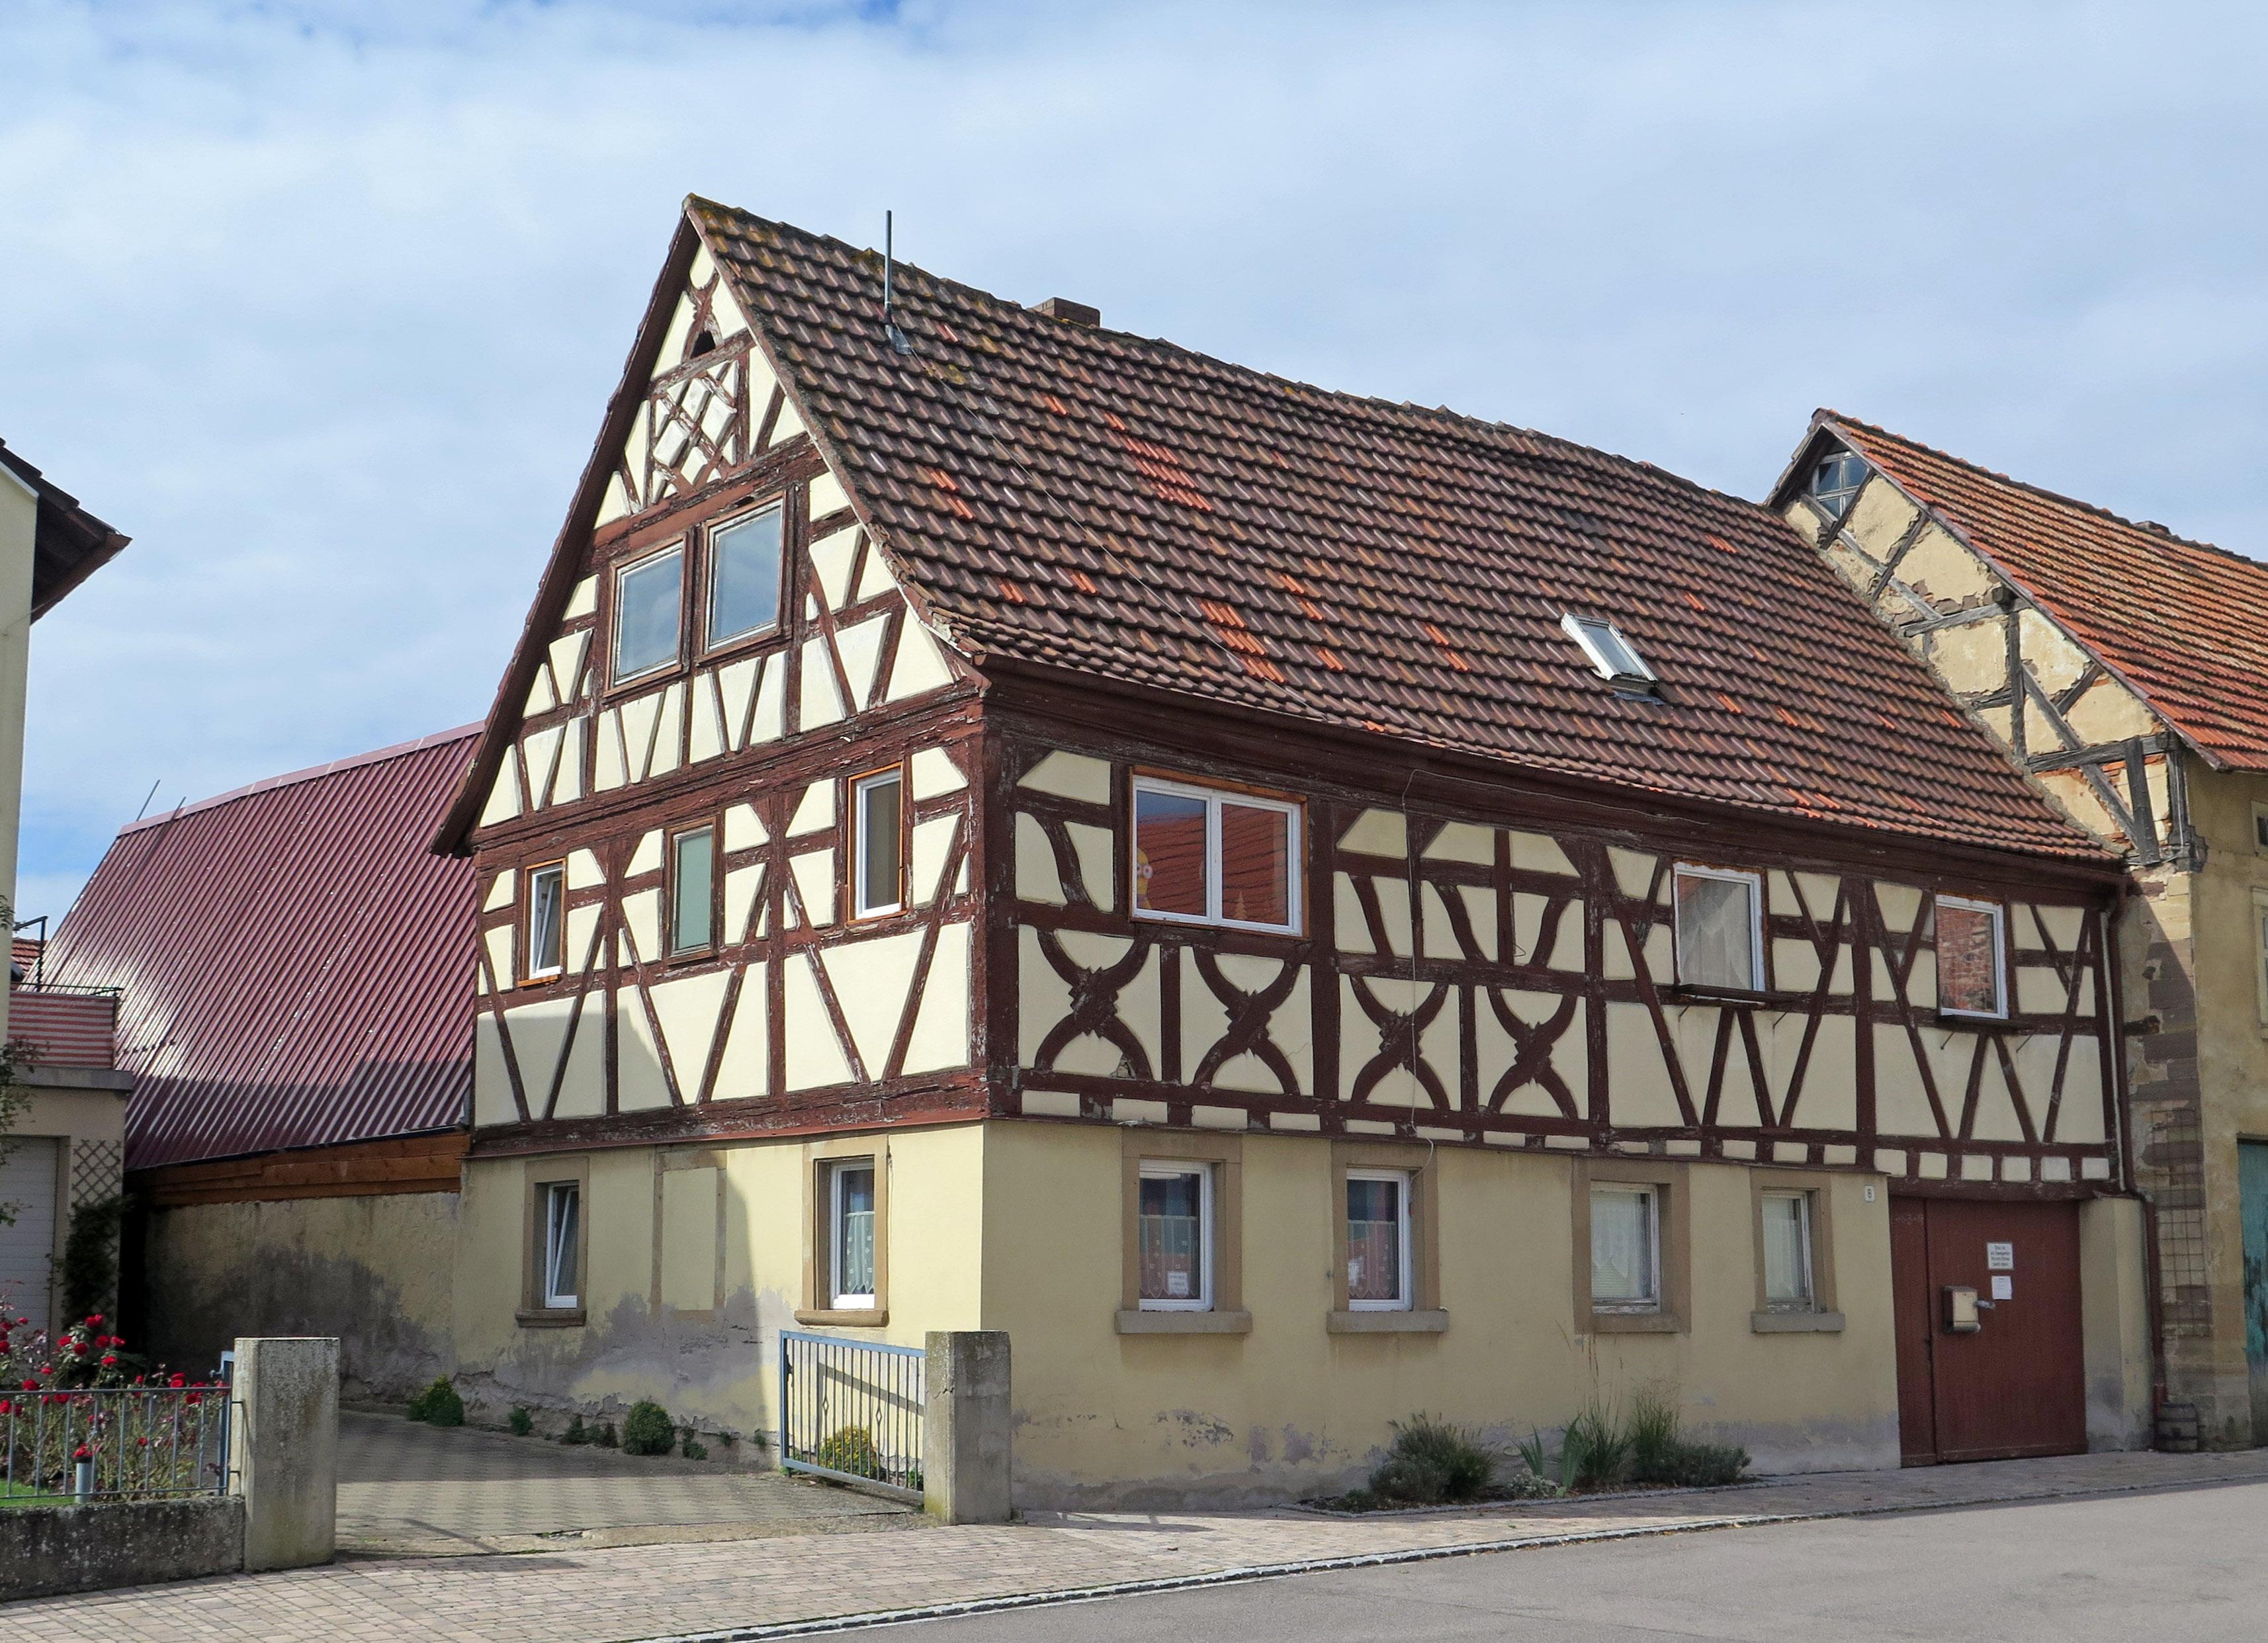 Nett Wohnhaus Framing Zeitgenössisch - Benutzerdefinierte ...